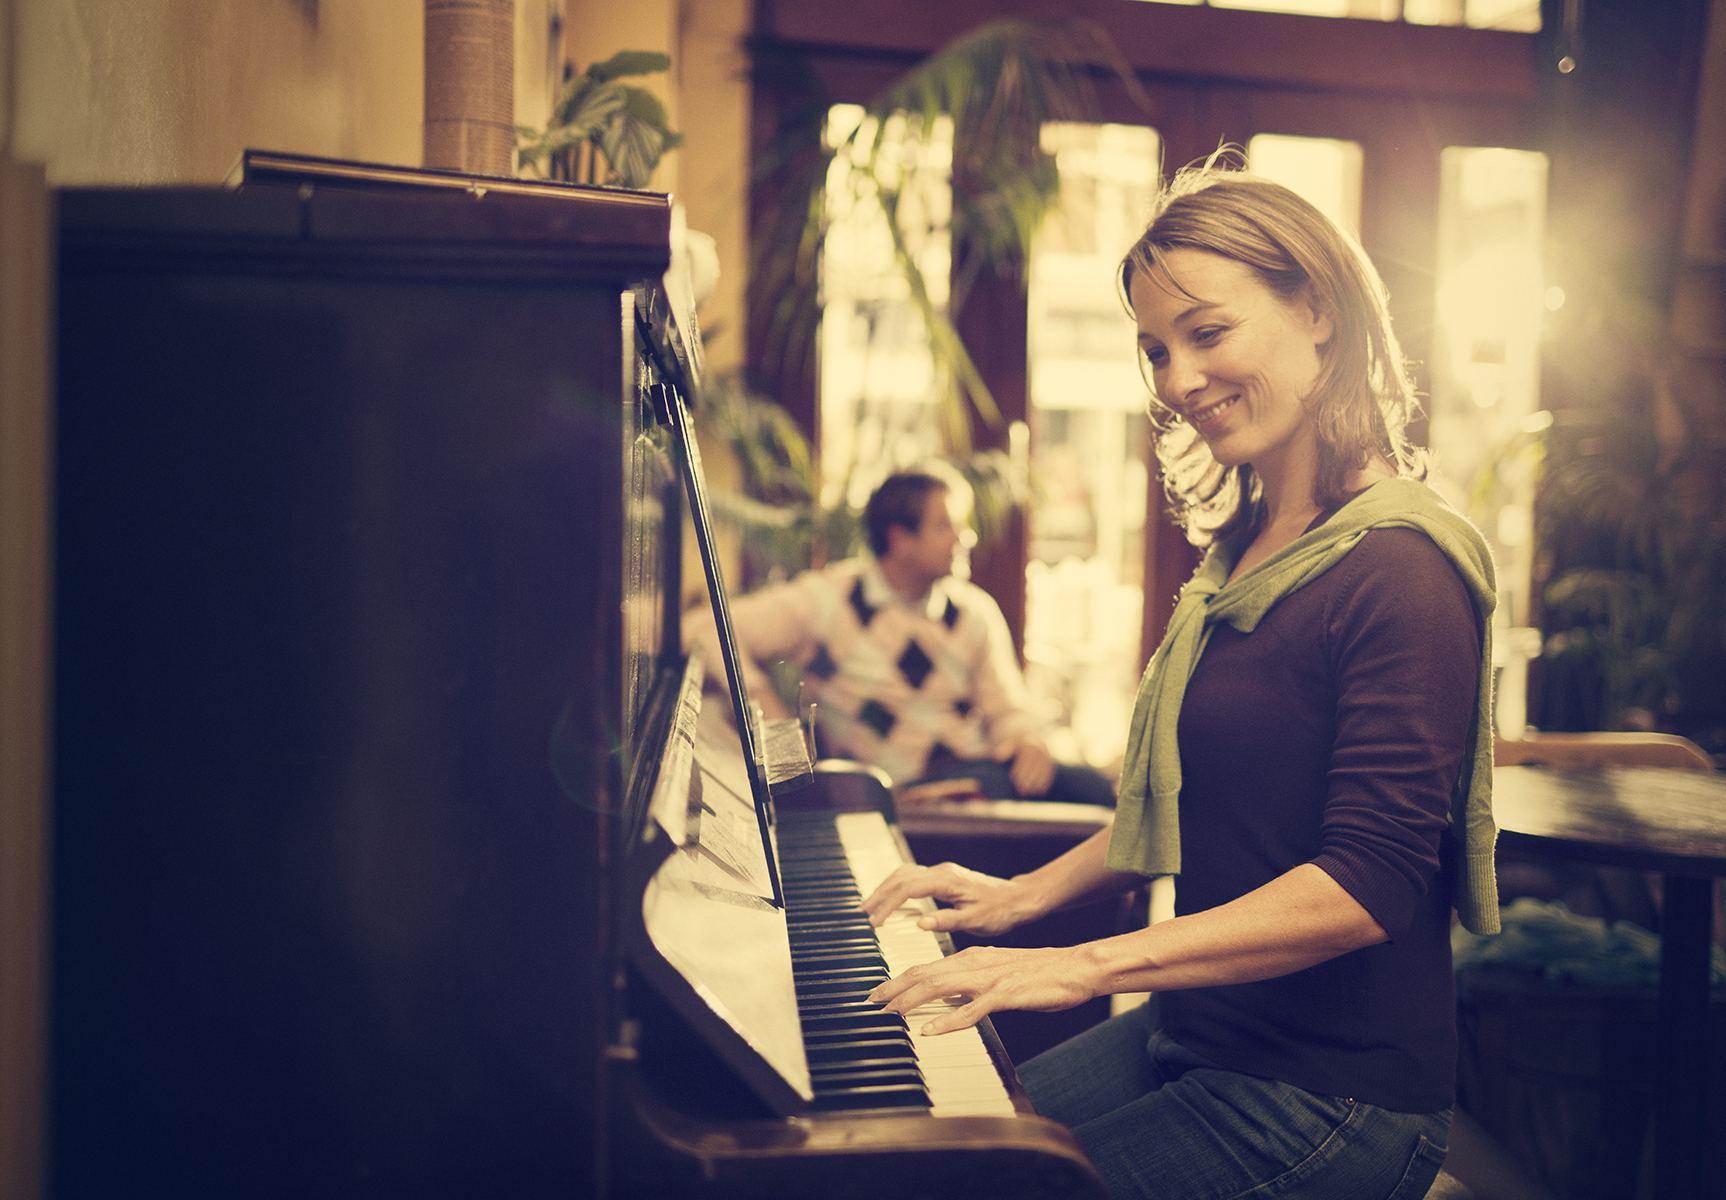 学钢琴不止对小孩子有很大好处,对于成年人来说也是一样的